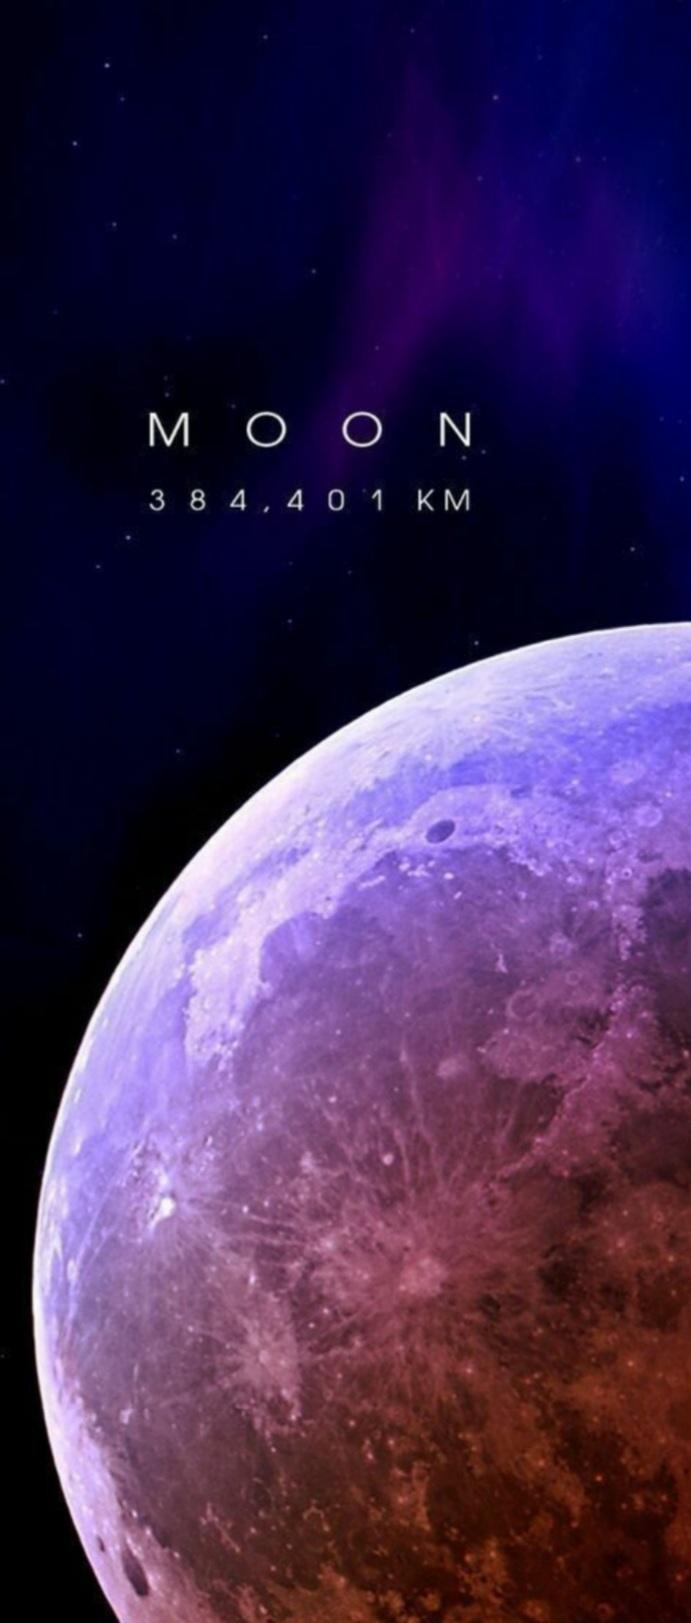 तो क्या चाँद पर डेरा जमाएँगे ???